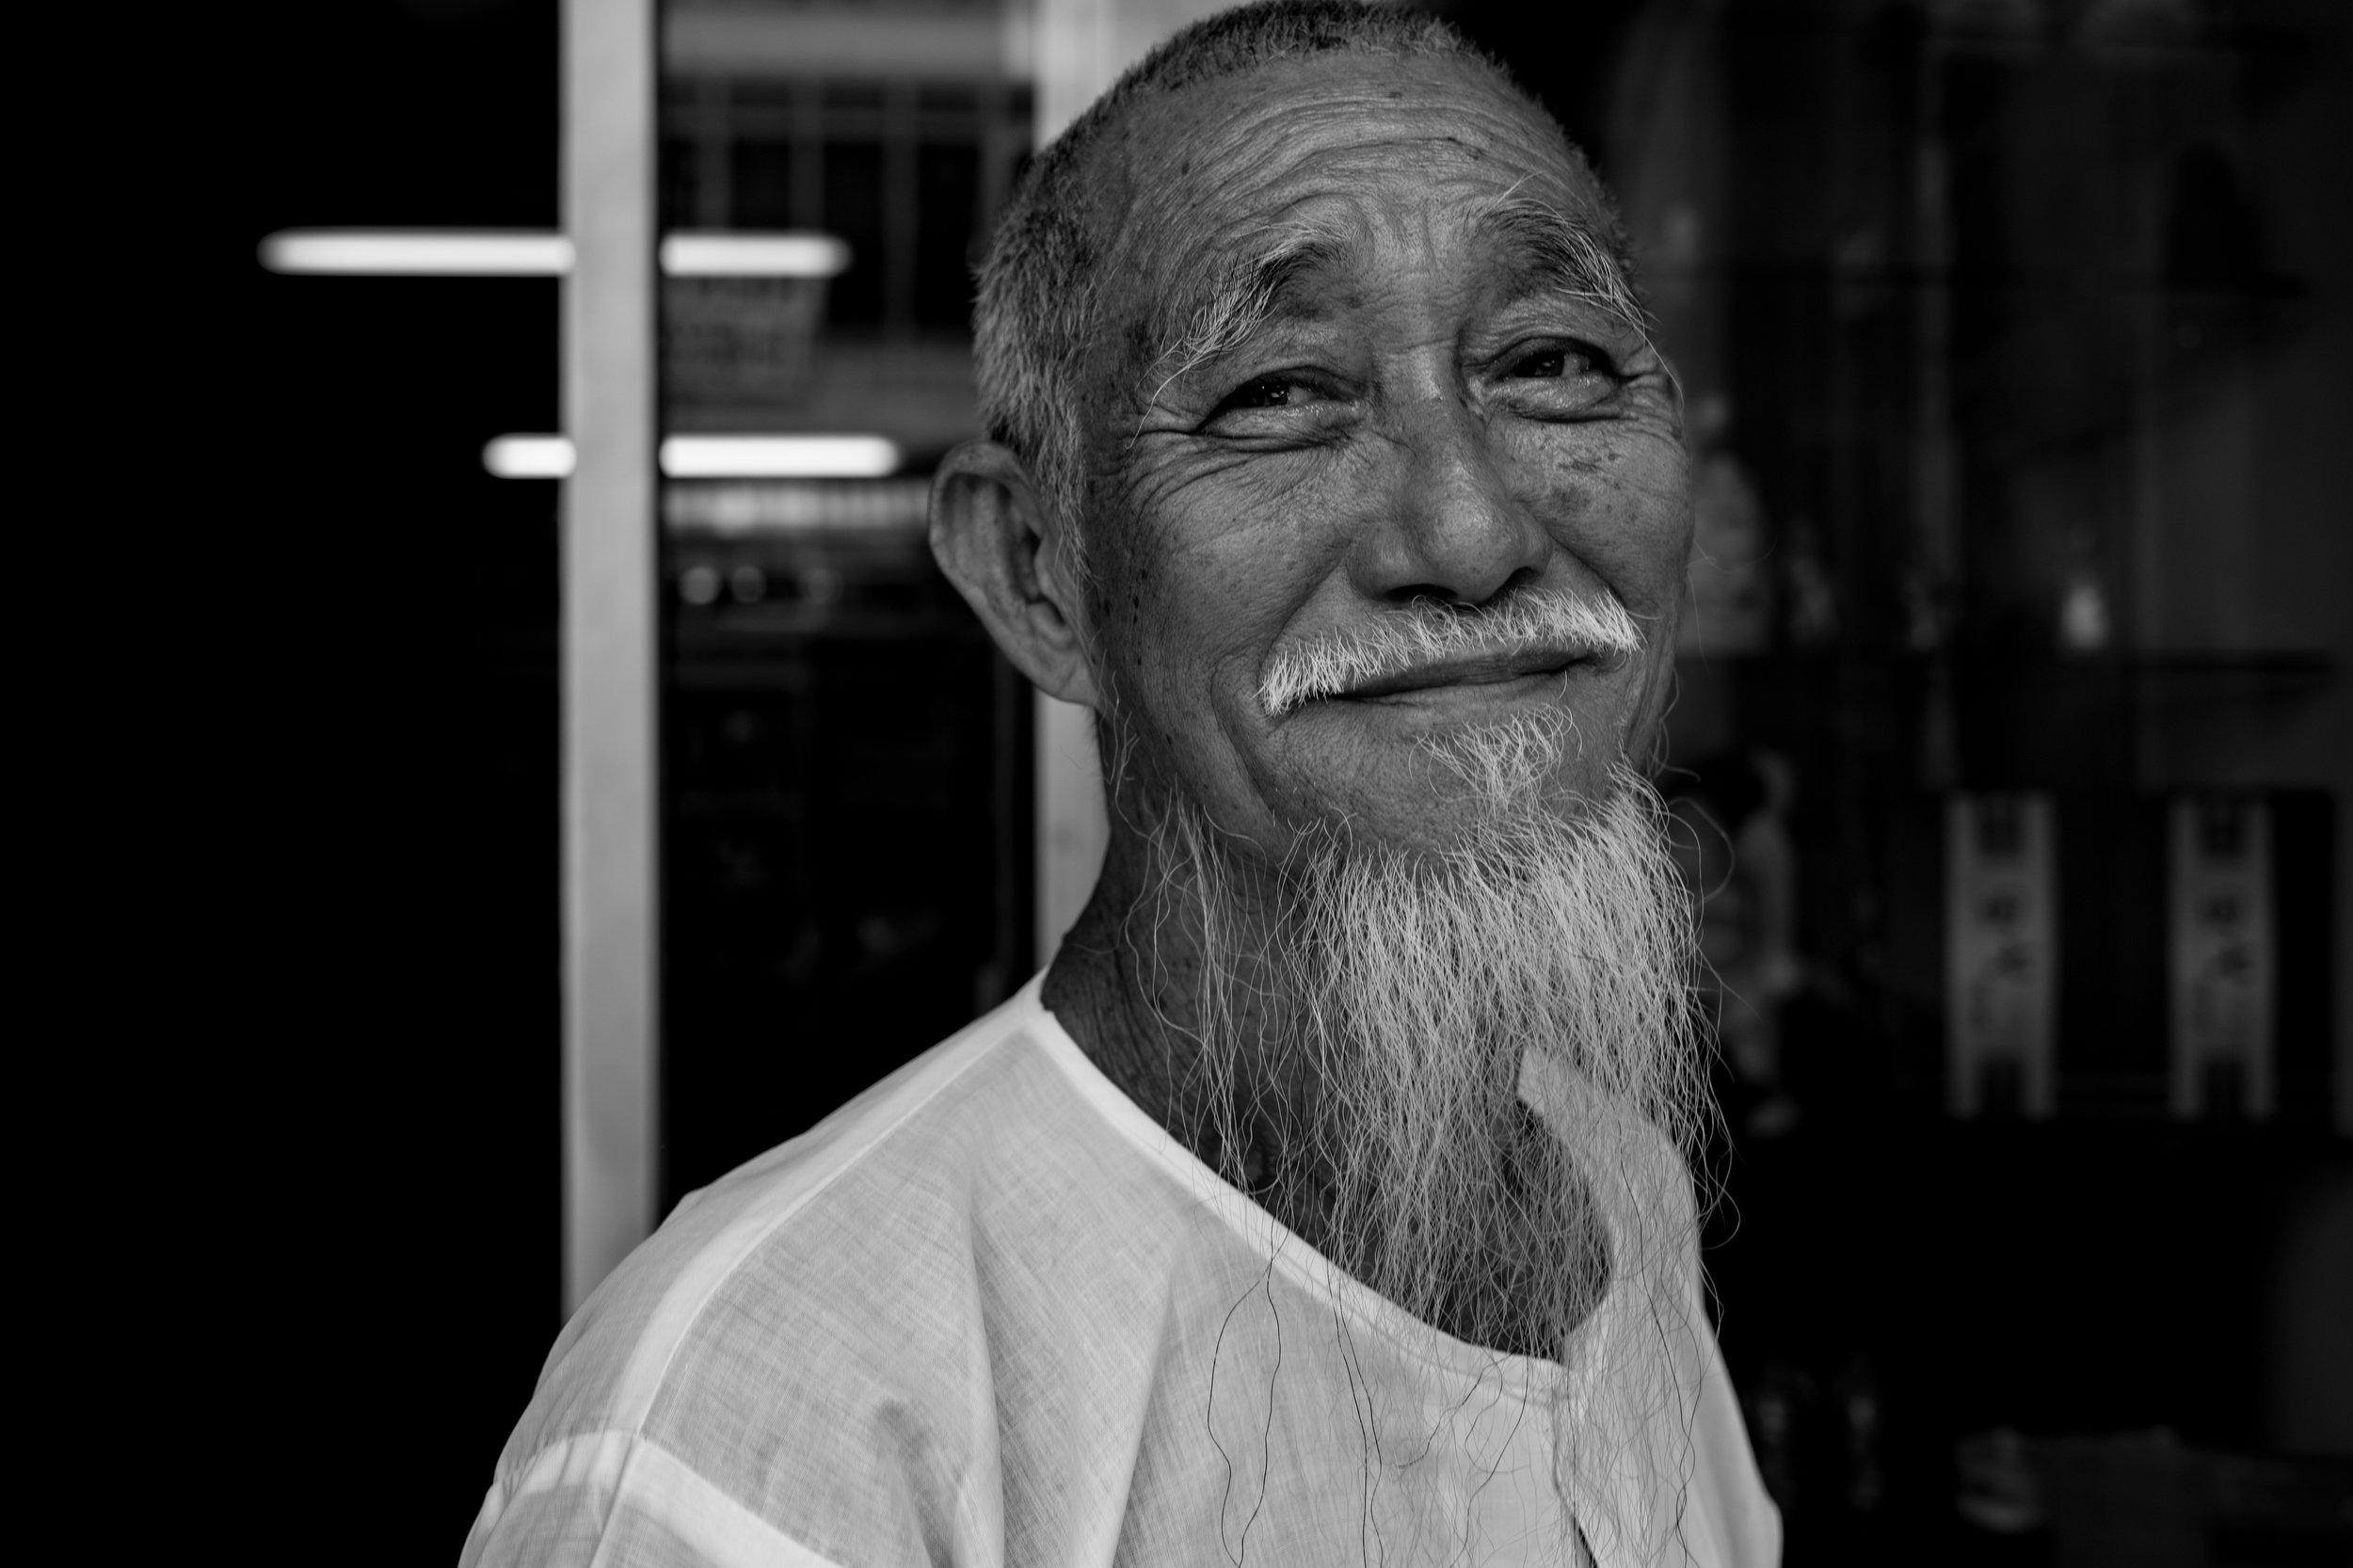 Old man, Penang - December 2017